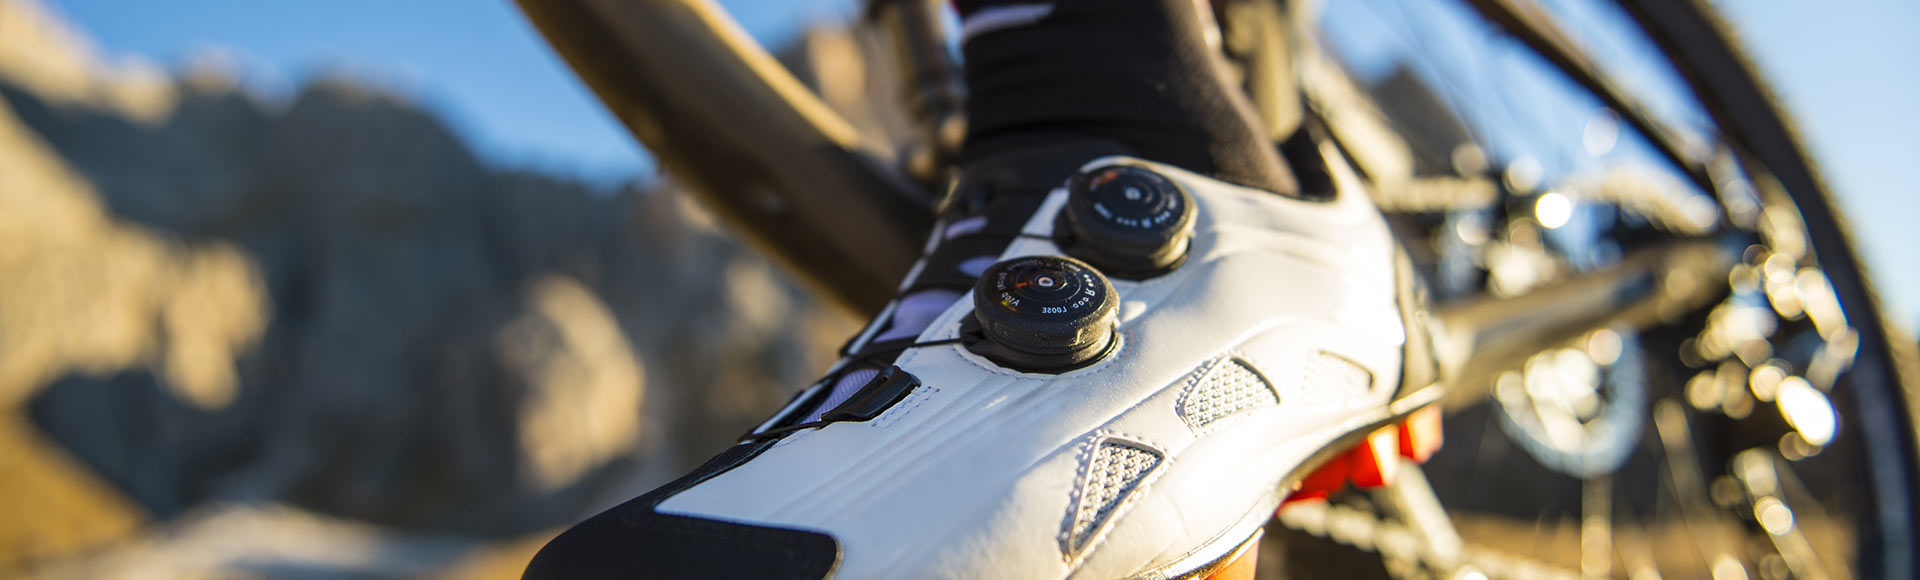 Sport Shutterstock 1